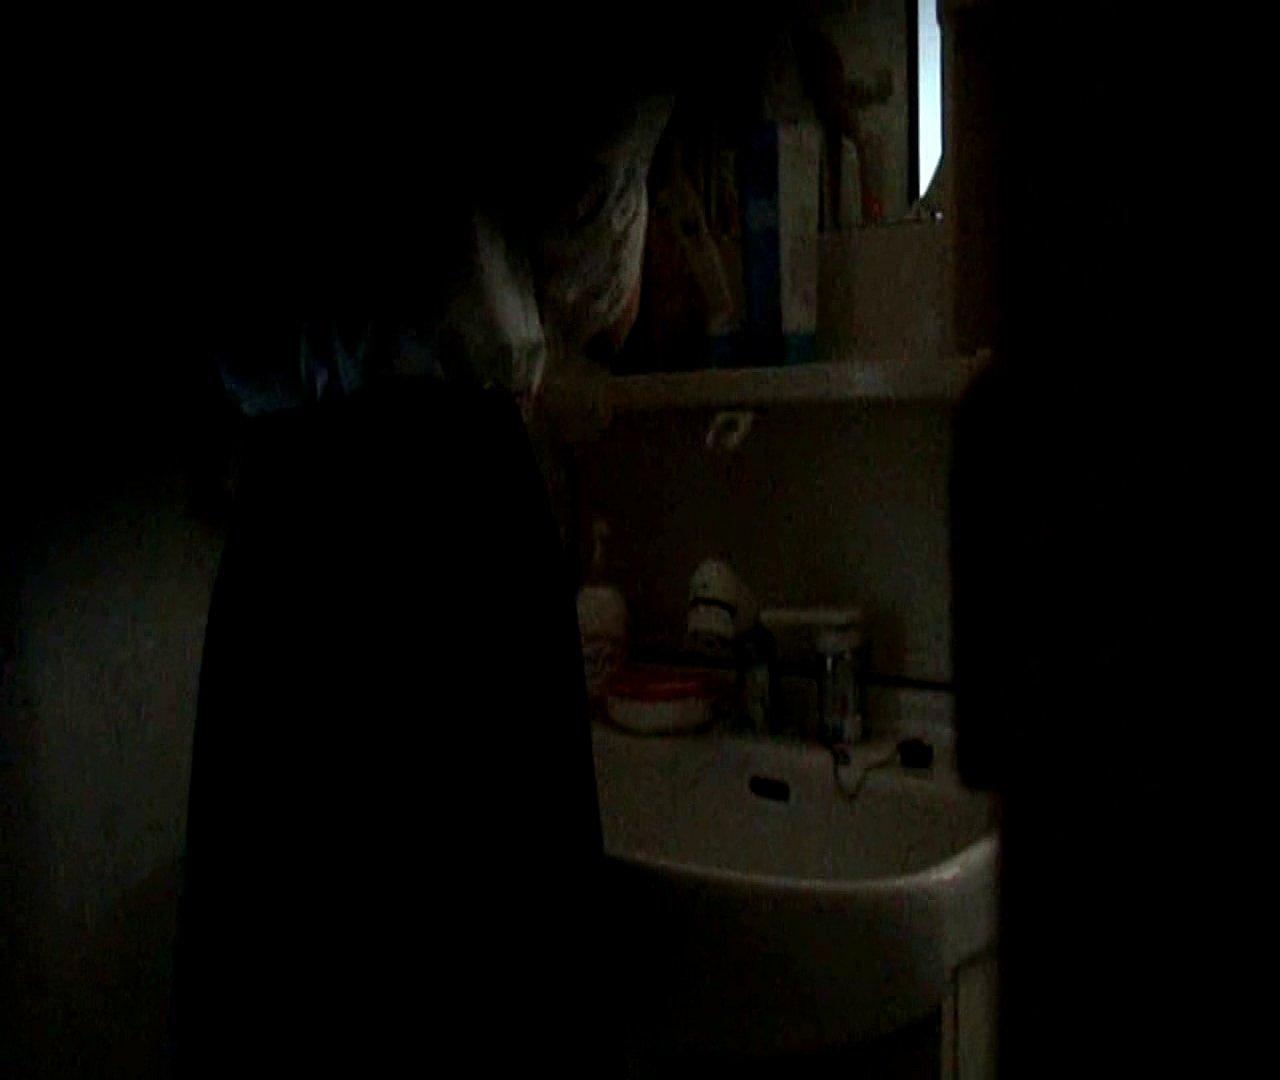 二人とも育てた甲斐がありました… vol.05 まどかが洗顔後にブラを洗濯 HなOL | 0  98pic 38